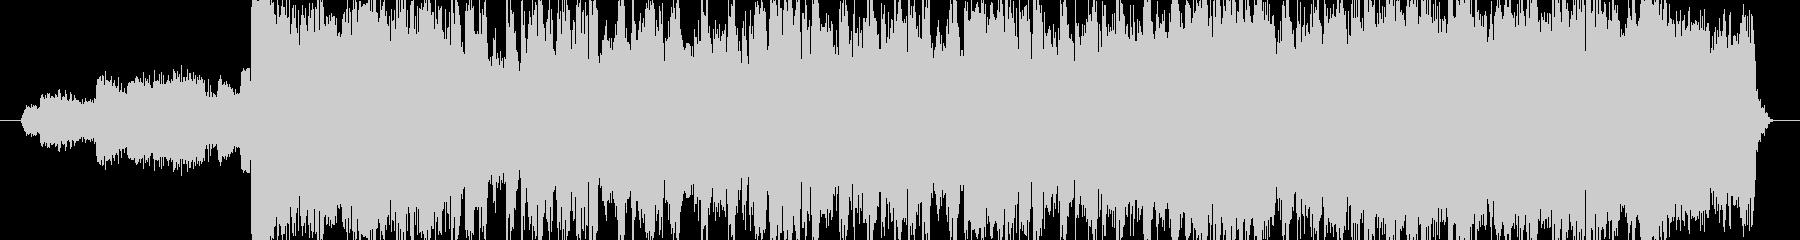 ハロウィンの雰囲気のEDMジングルの未再生の波形